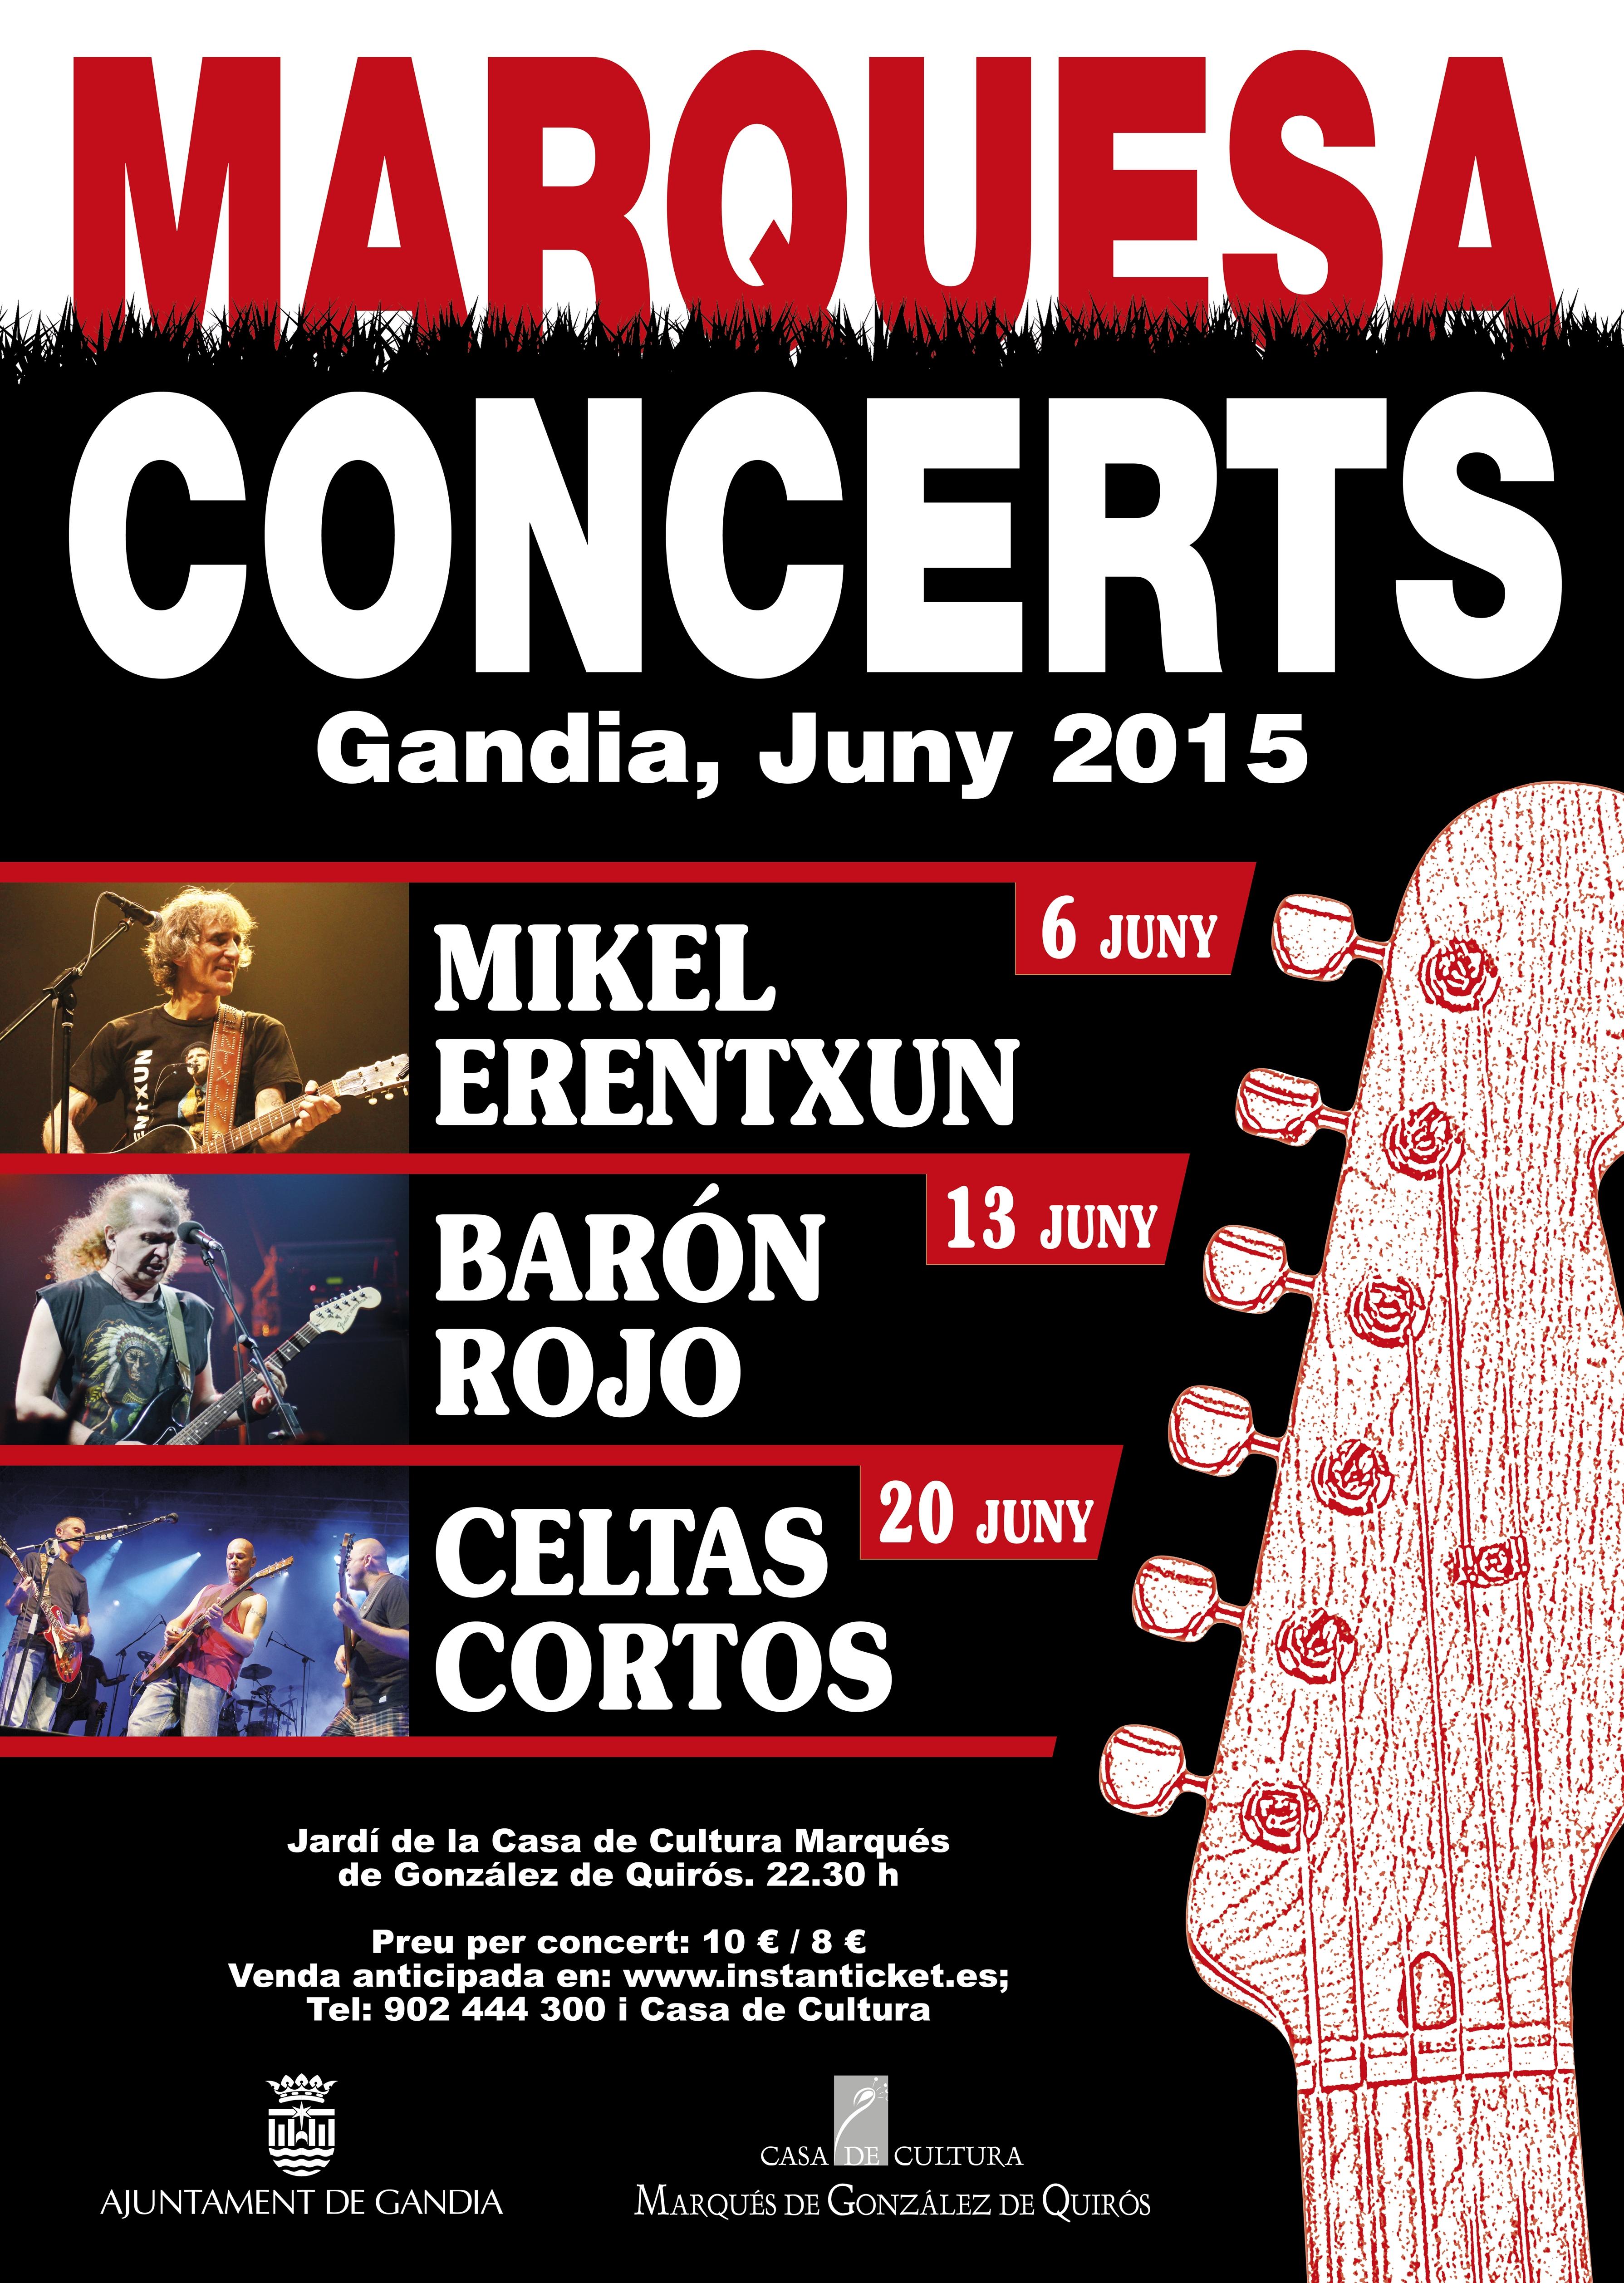 Celtas Cortos Marquesa Concerts